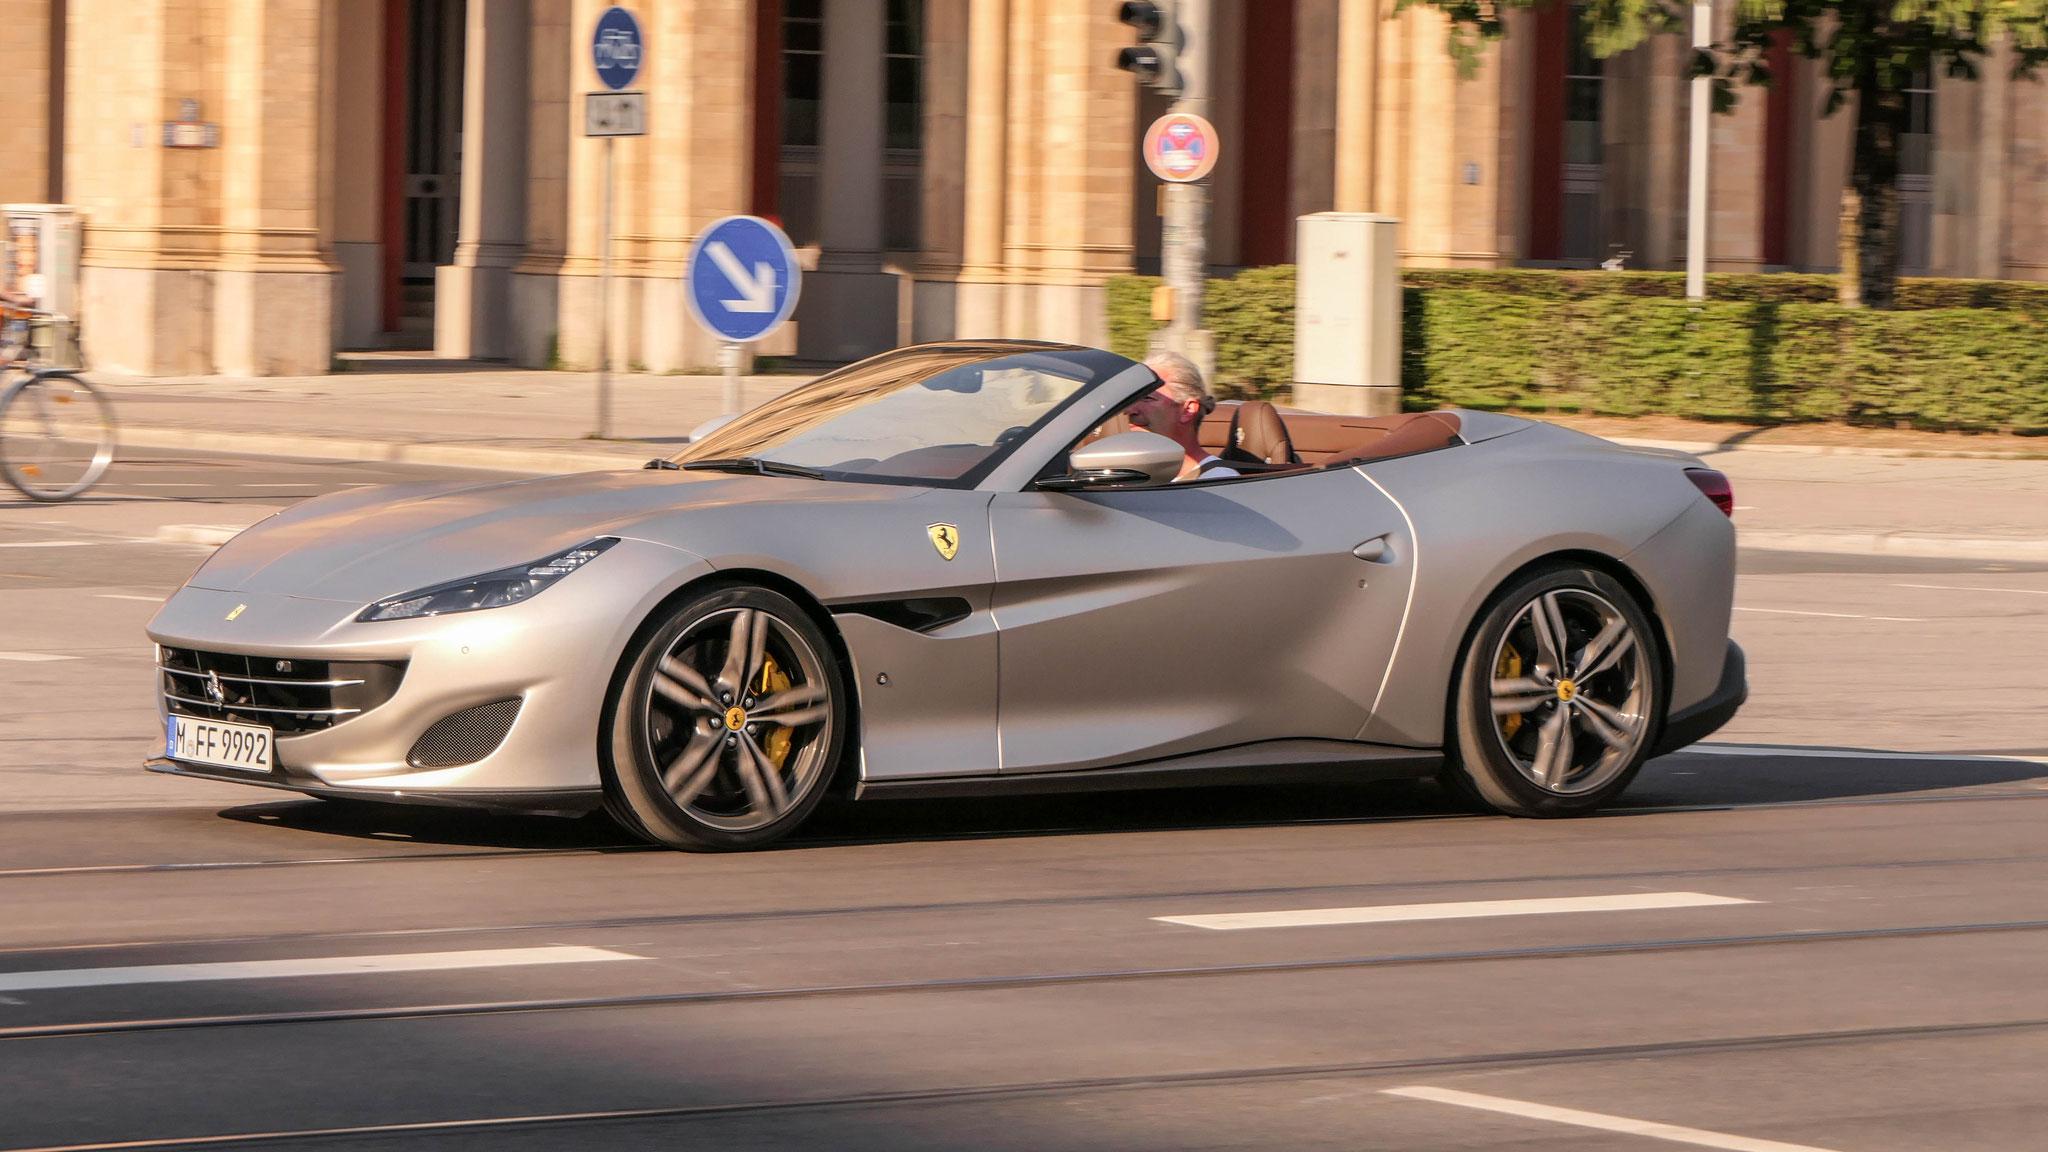 Ferrari Portofino - M-FF-9992